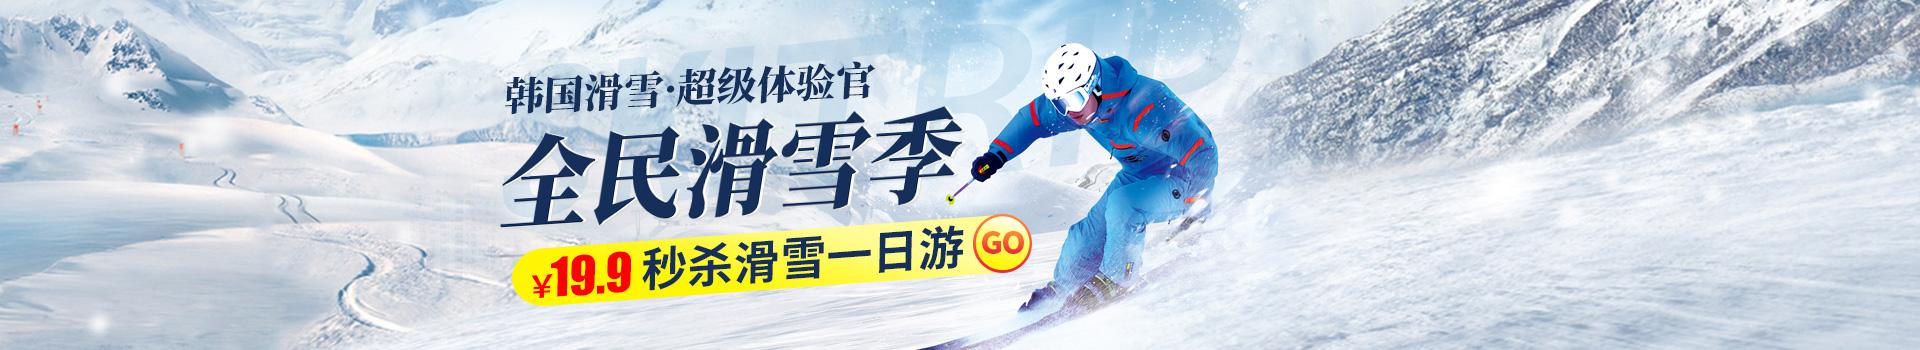 韩国滑雪秒杀19元